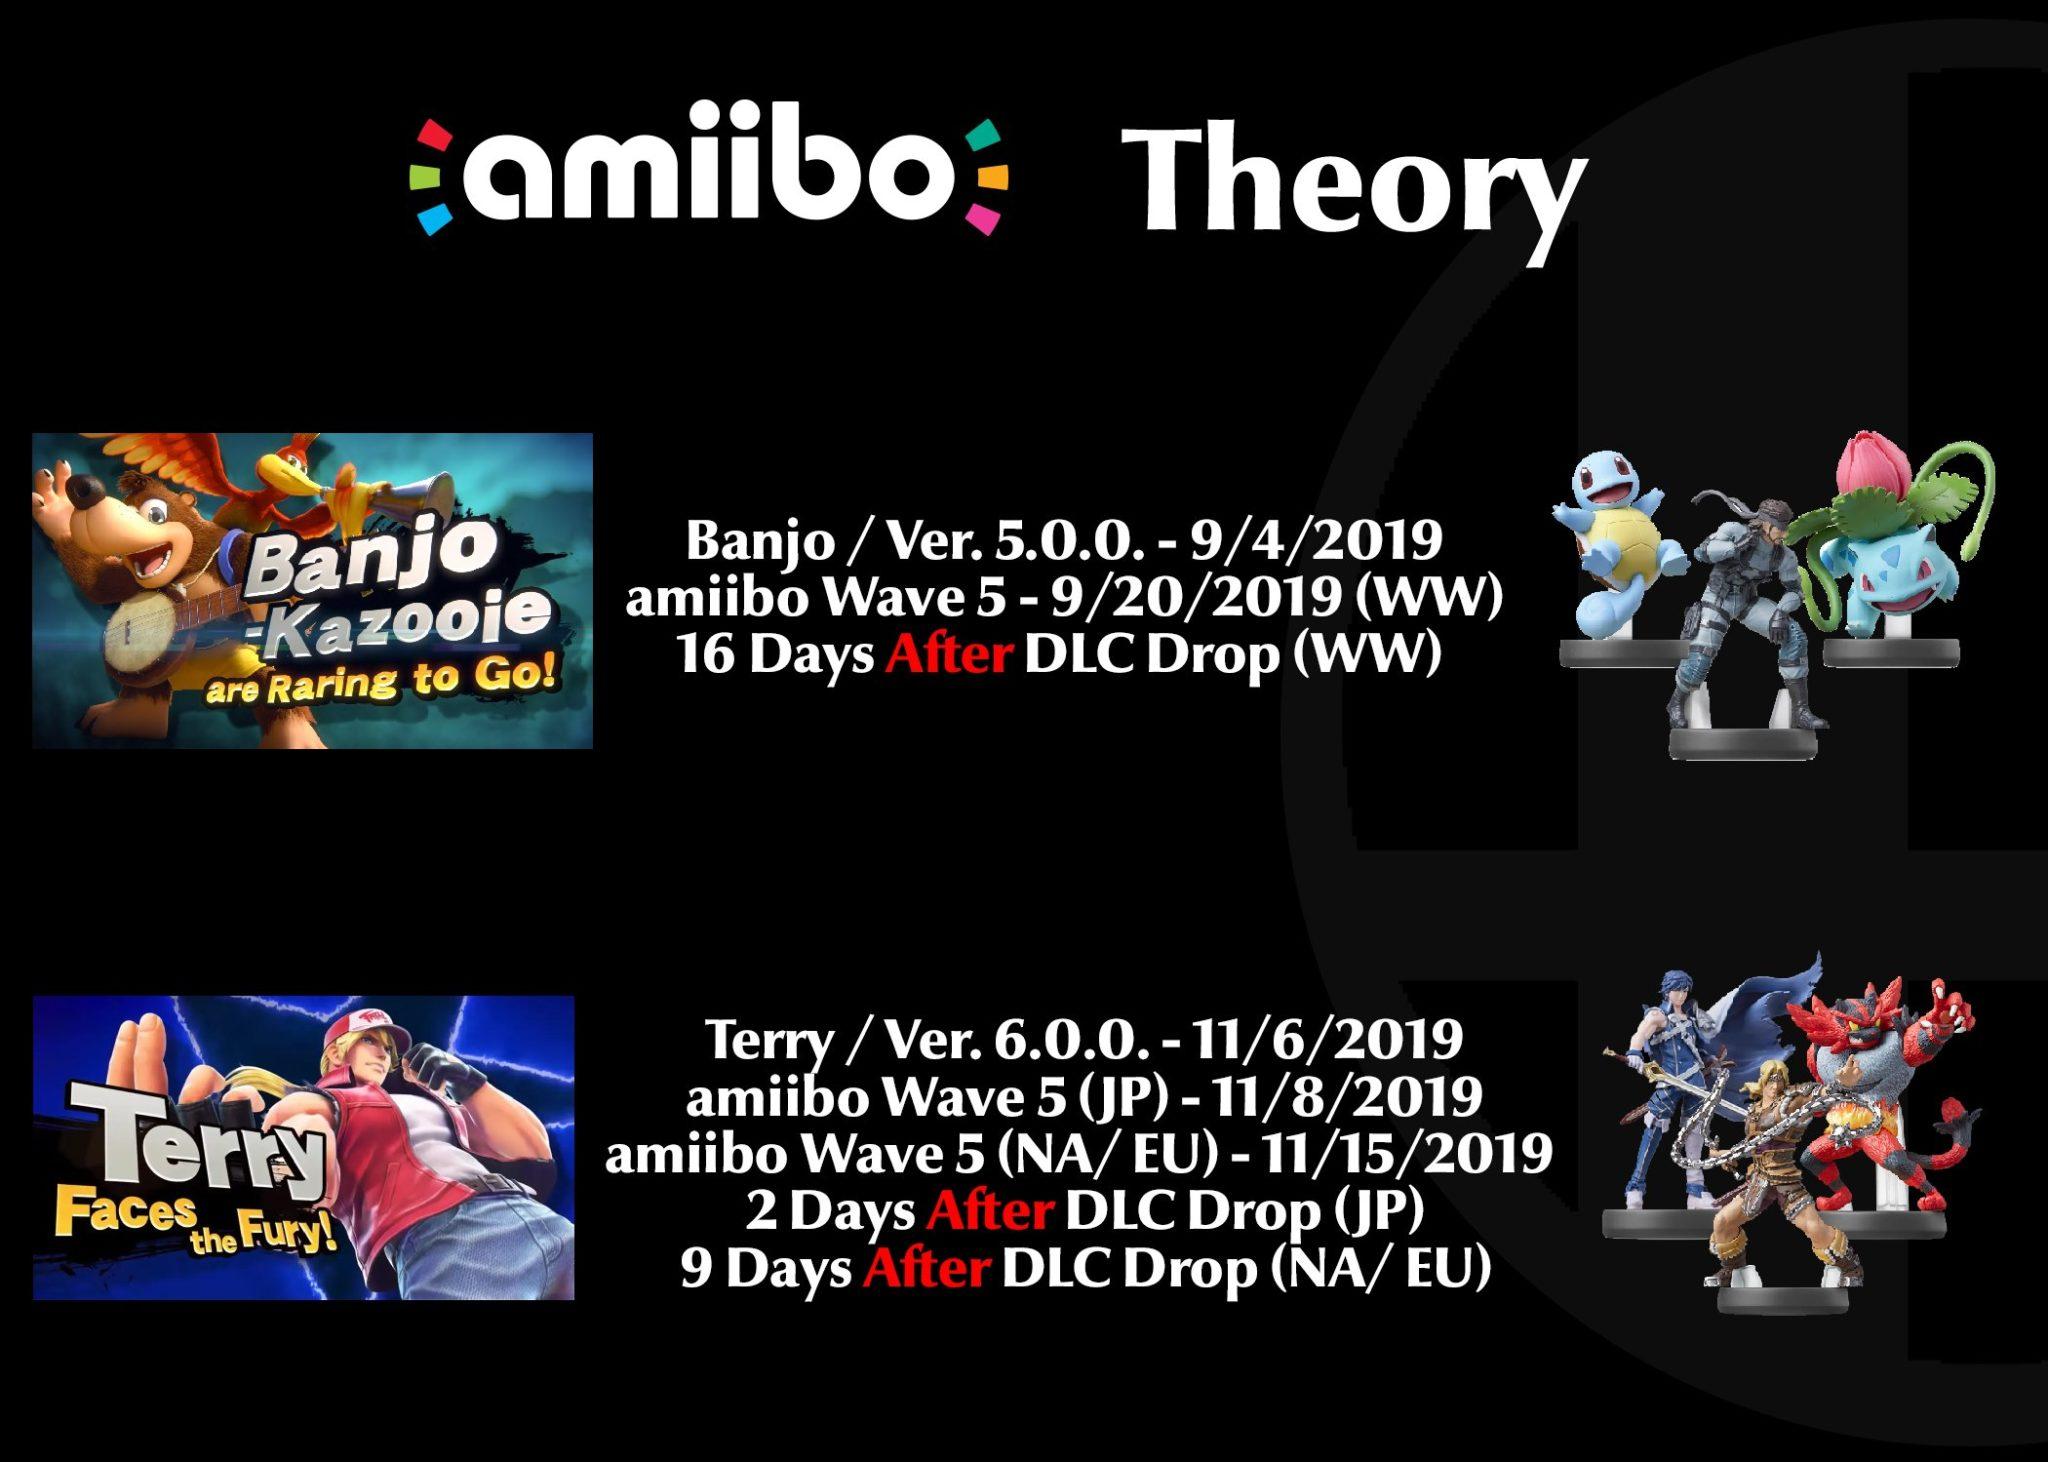 Amiibo Theory for Smash Ultimate